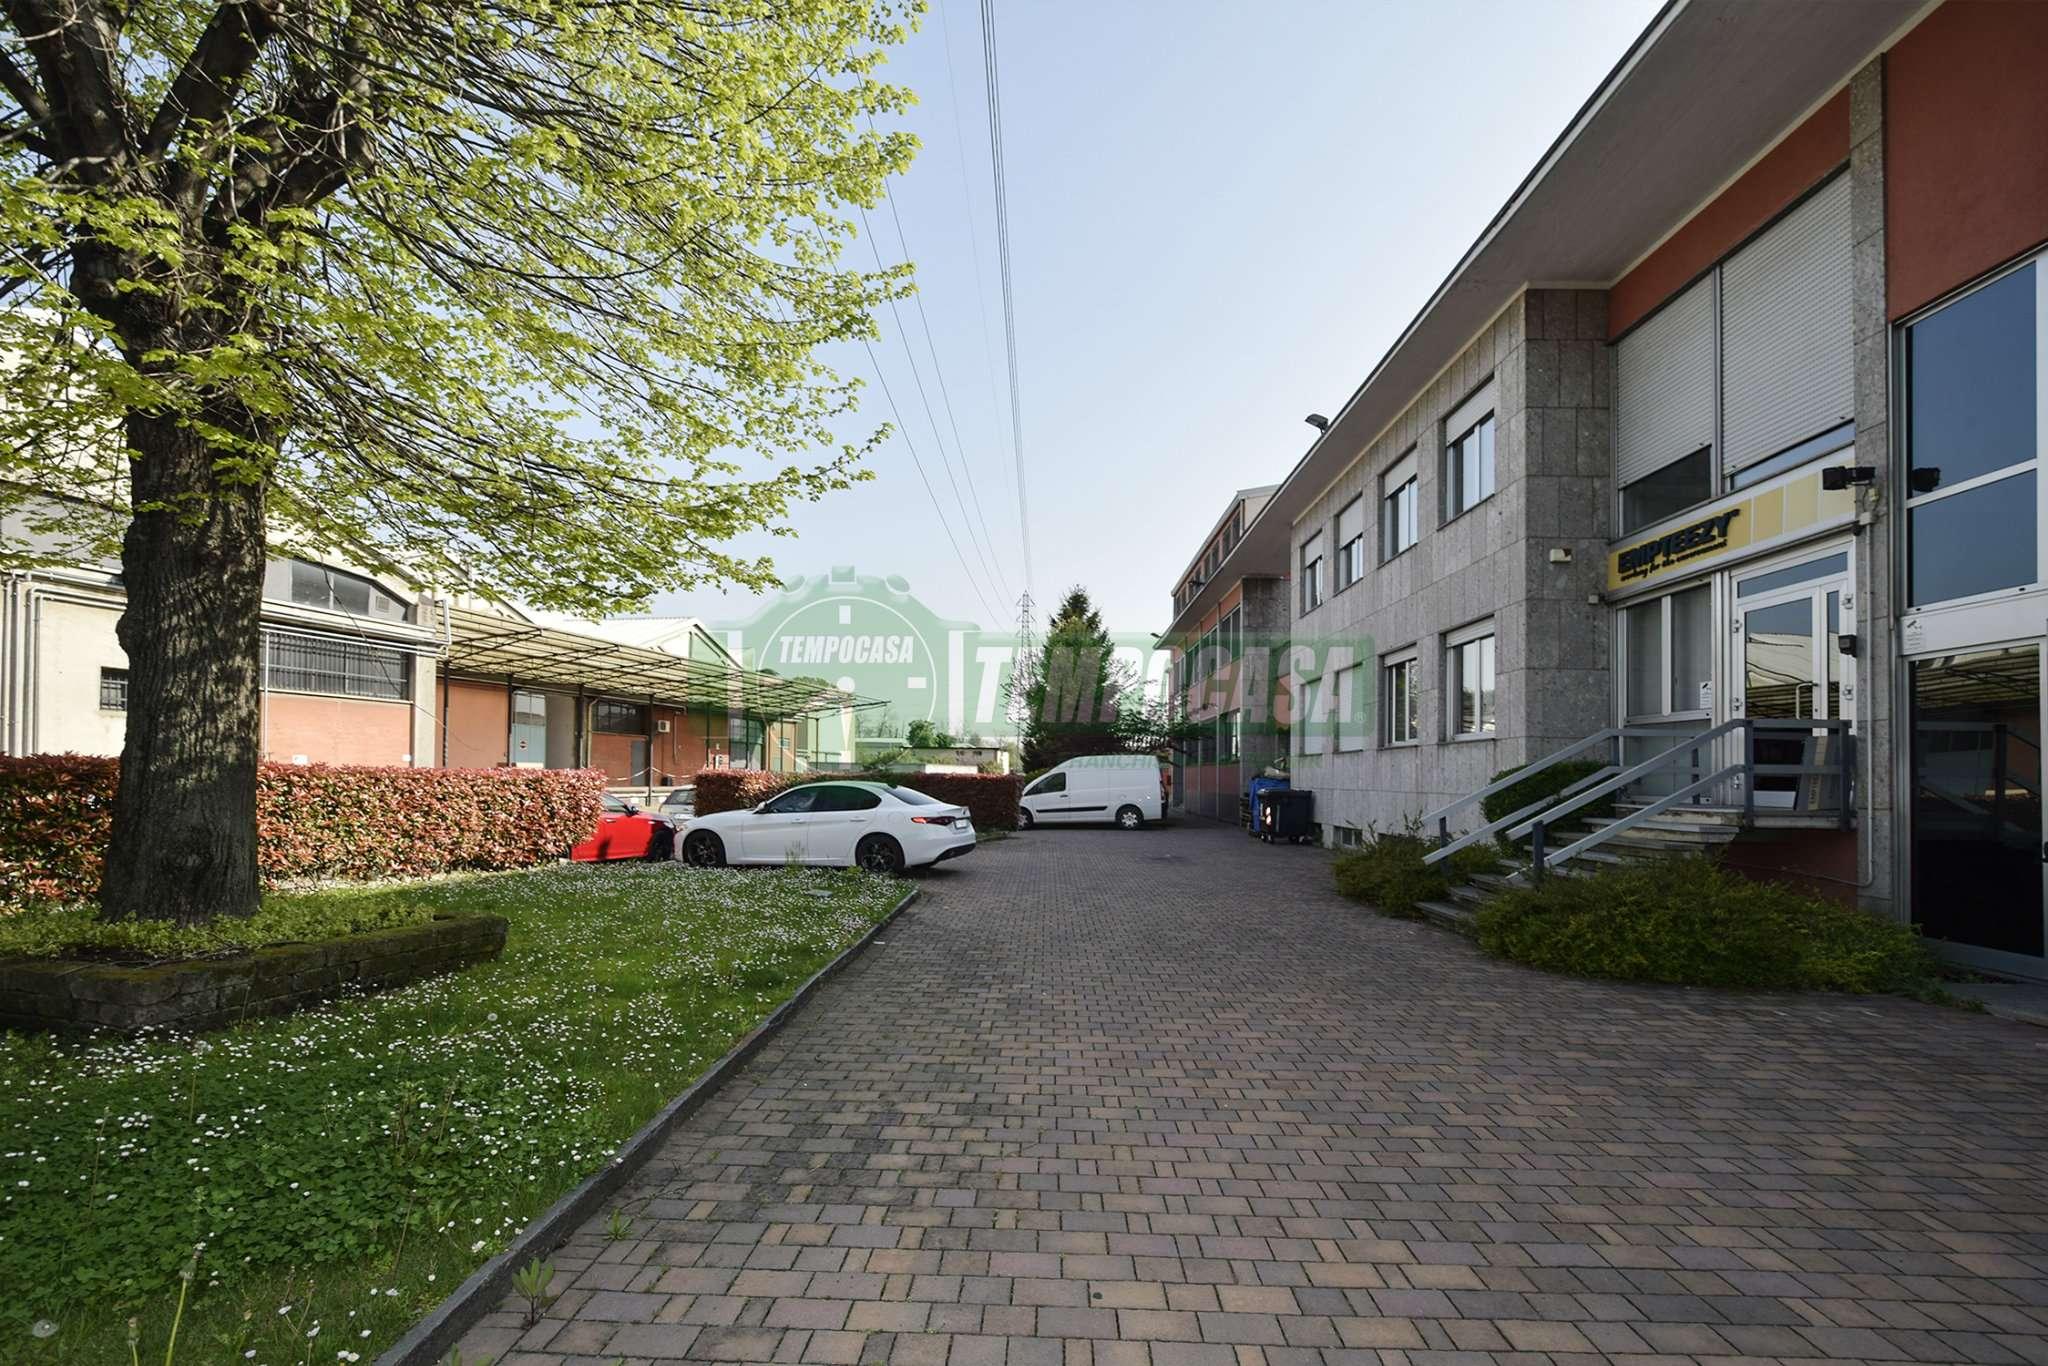 Appartamento in vendita a Settimo Milanese, 3 locali, prezzo € 160.000 | CambioCasa.it